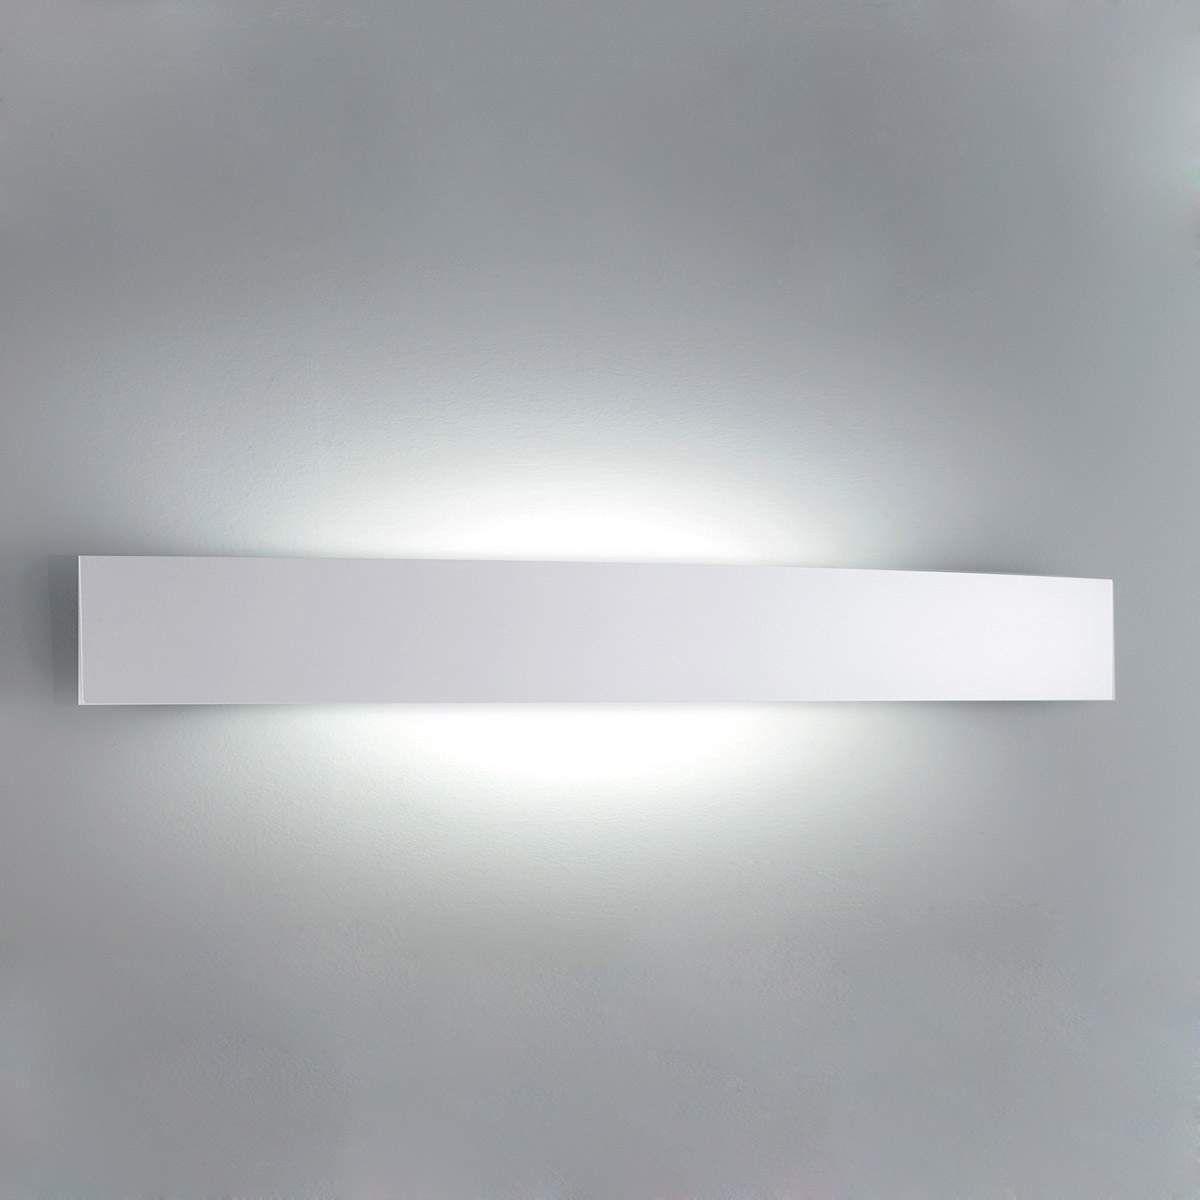 Wandleuchte Aussen Bewegungsmelder Edelstahl Wandleuchten Wohnzimmer Modern Wandleuchte Edelstahl Innen Trio Led Wandl Wandleuchte Licht Wandlampen Design